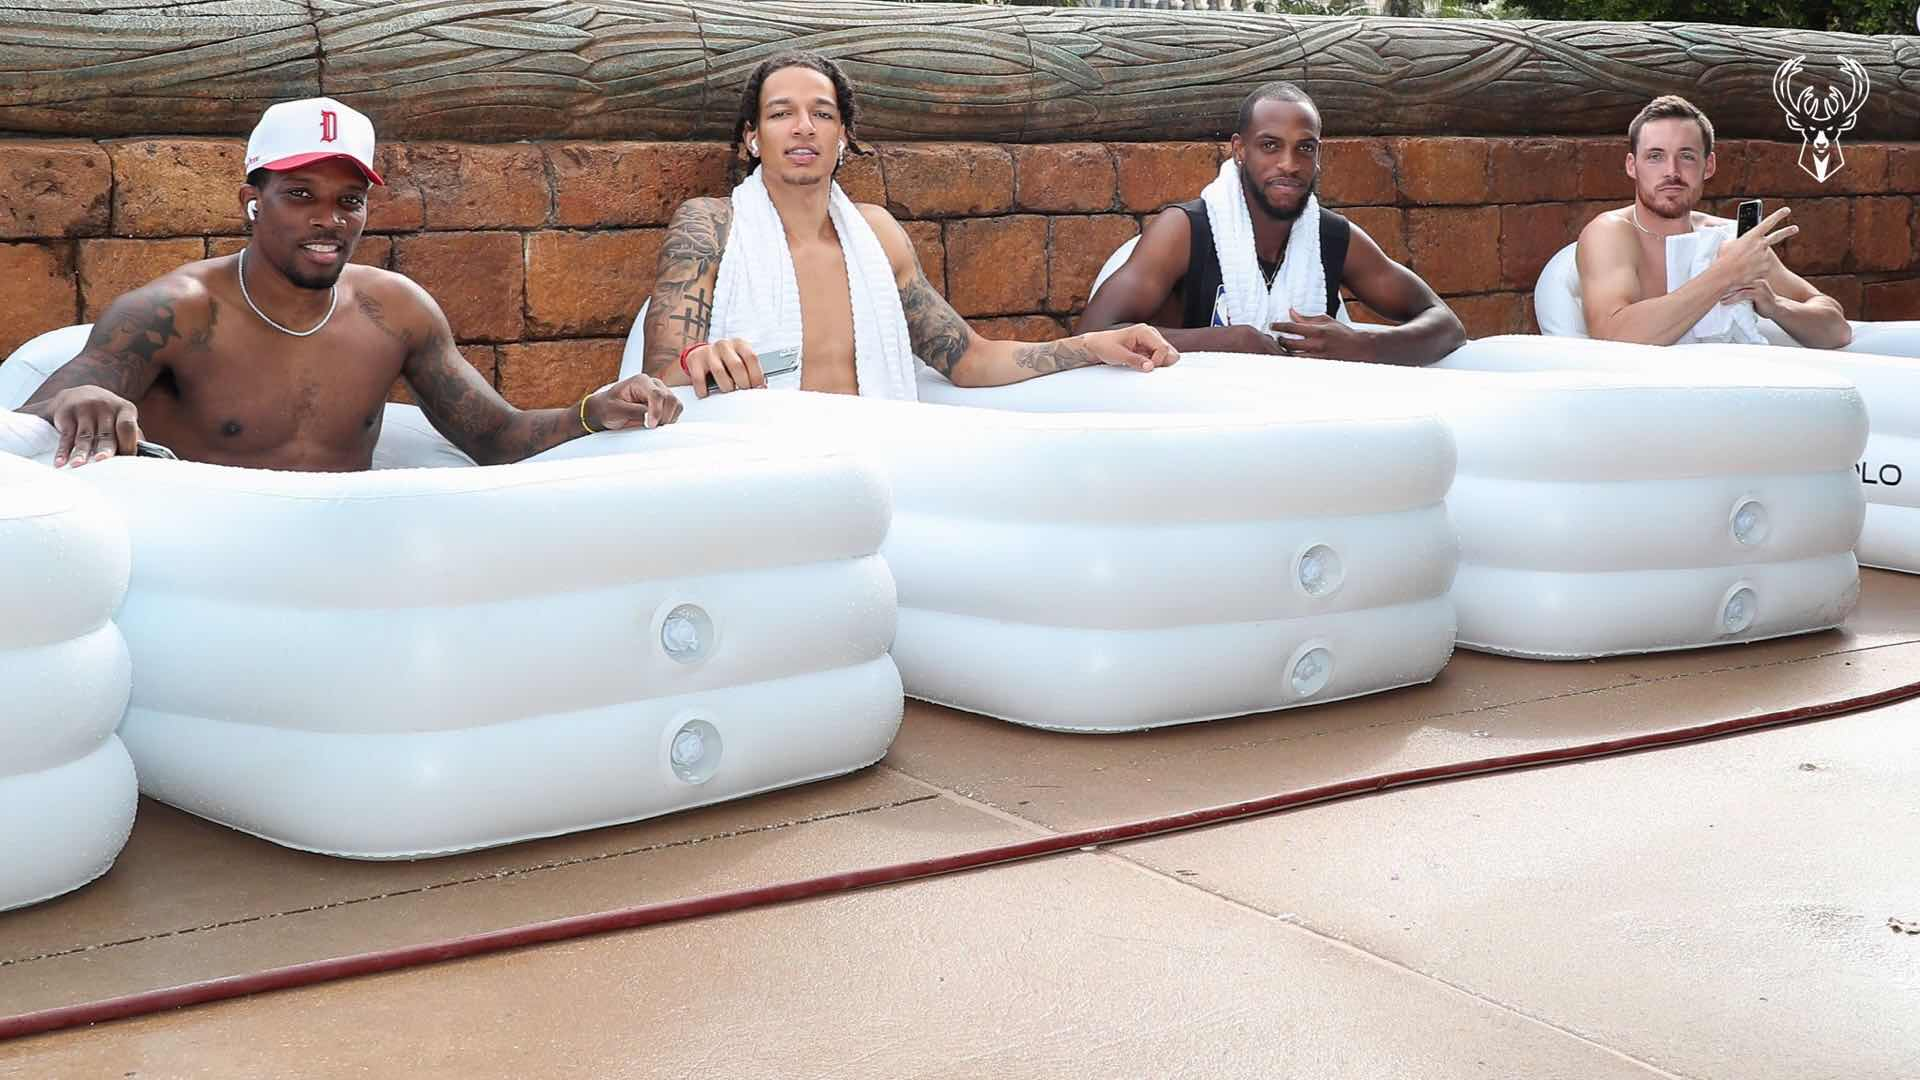 雄鹿晒布莱索和米德尔顿等人泡冷浴照:冷浴4人组